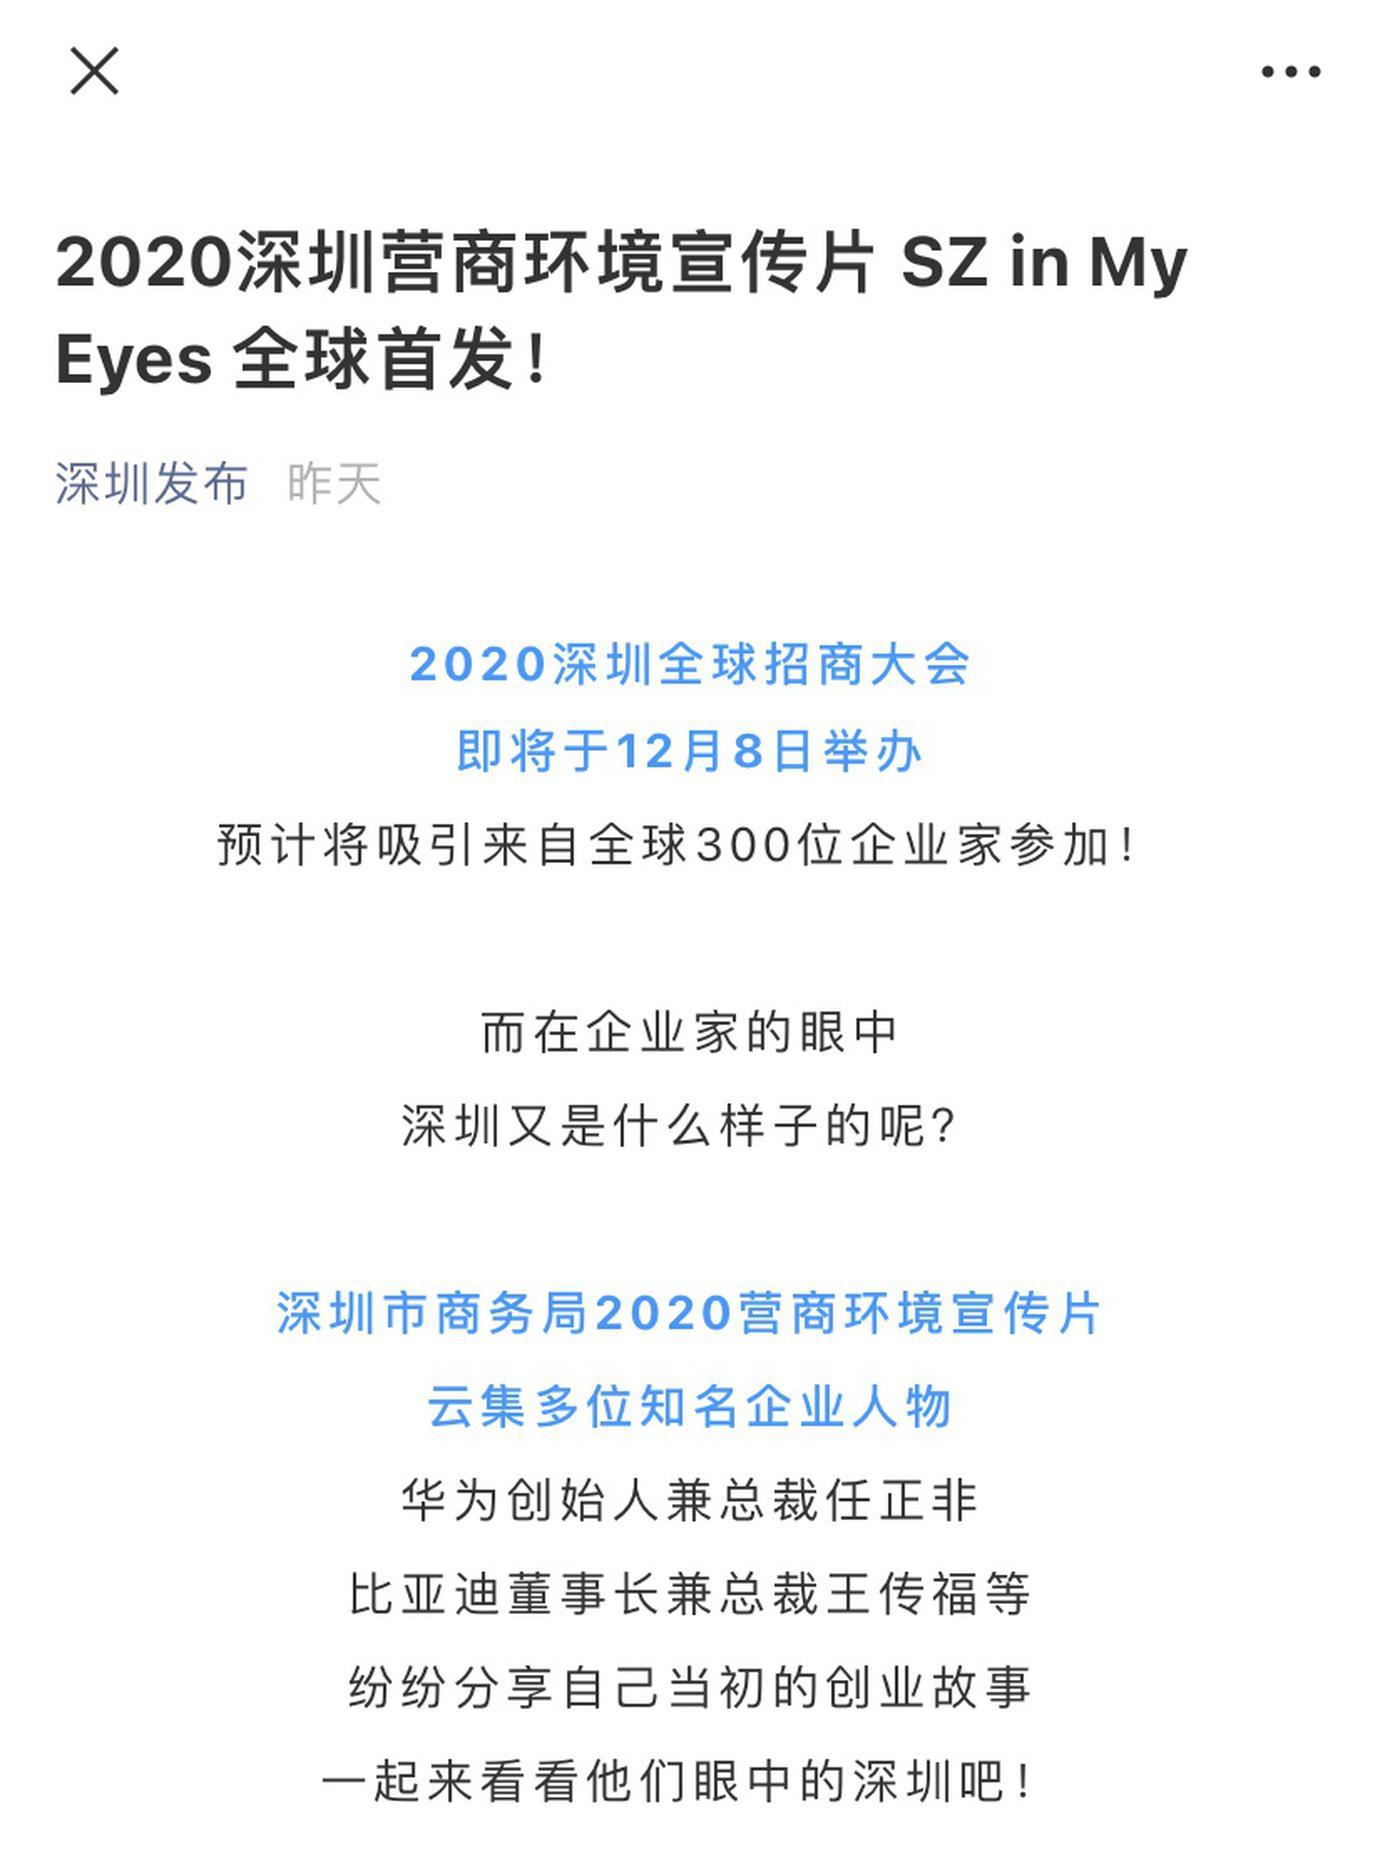 2020深圳营商环境宣传片《SZ in my eyes》全球首发